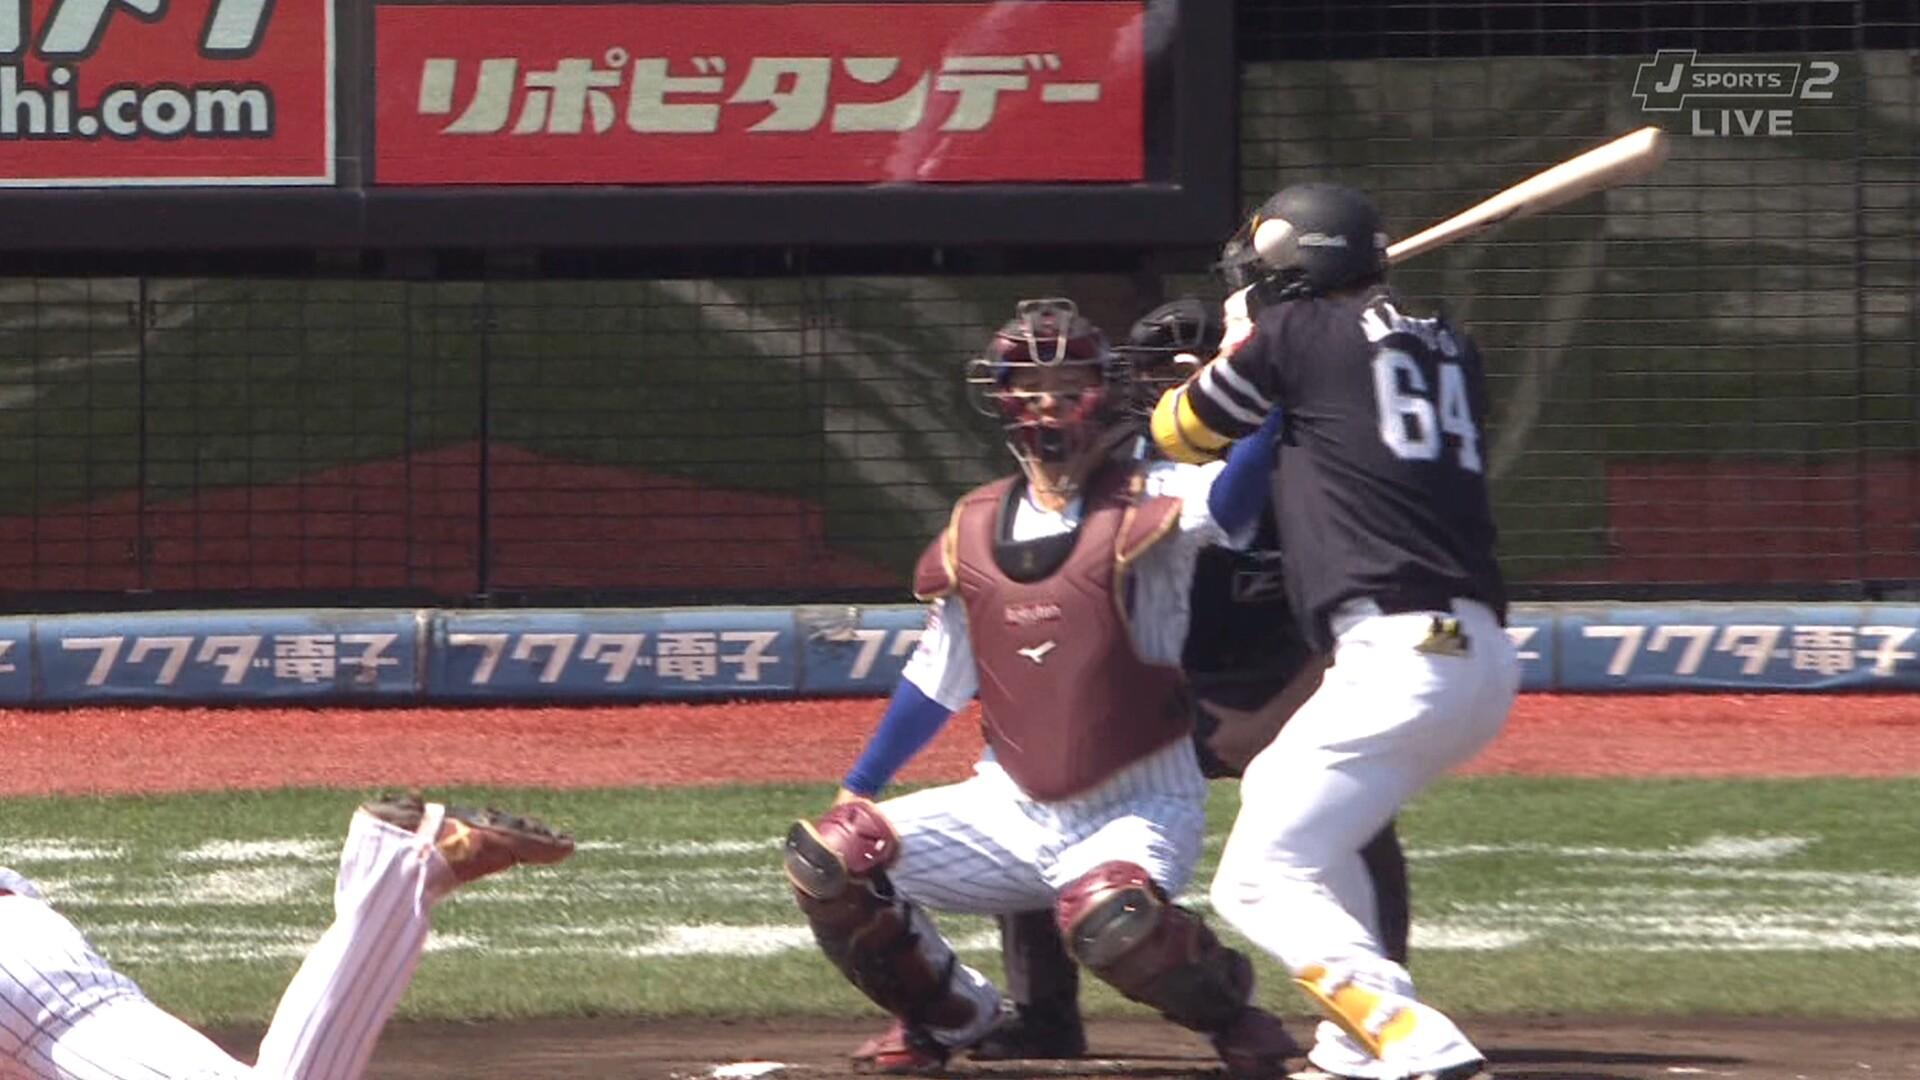 楽天・ドラ2高田孝一、プロ初登板初先発も初回に危険球退場… 真砂へ頭部死球